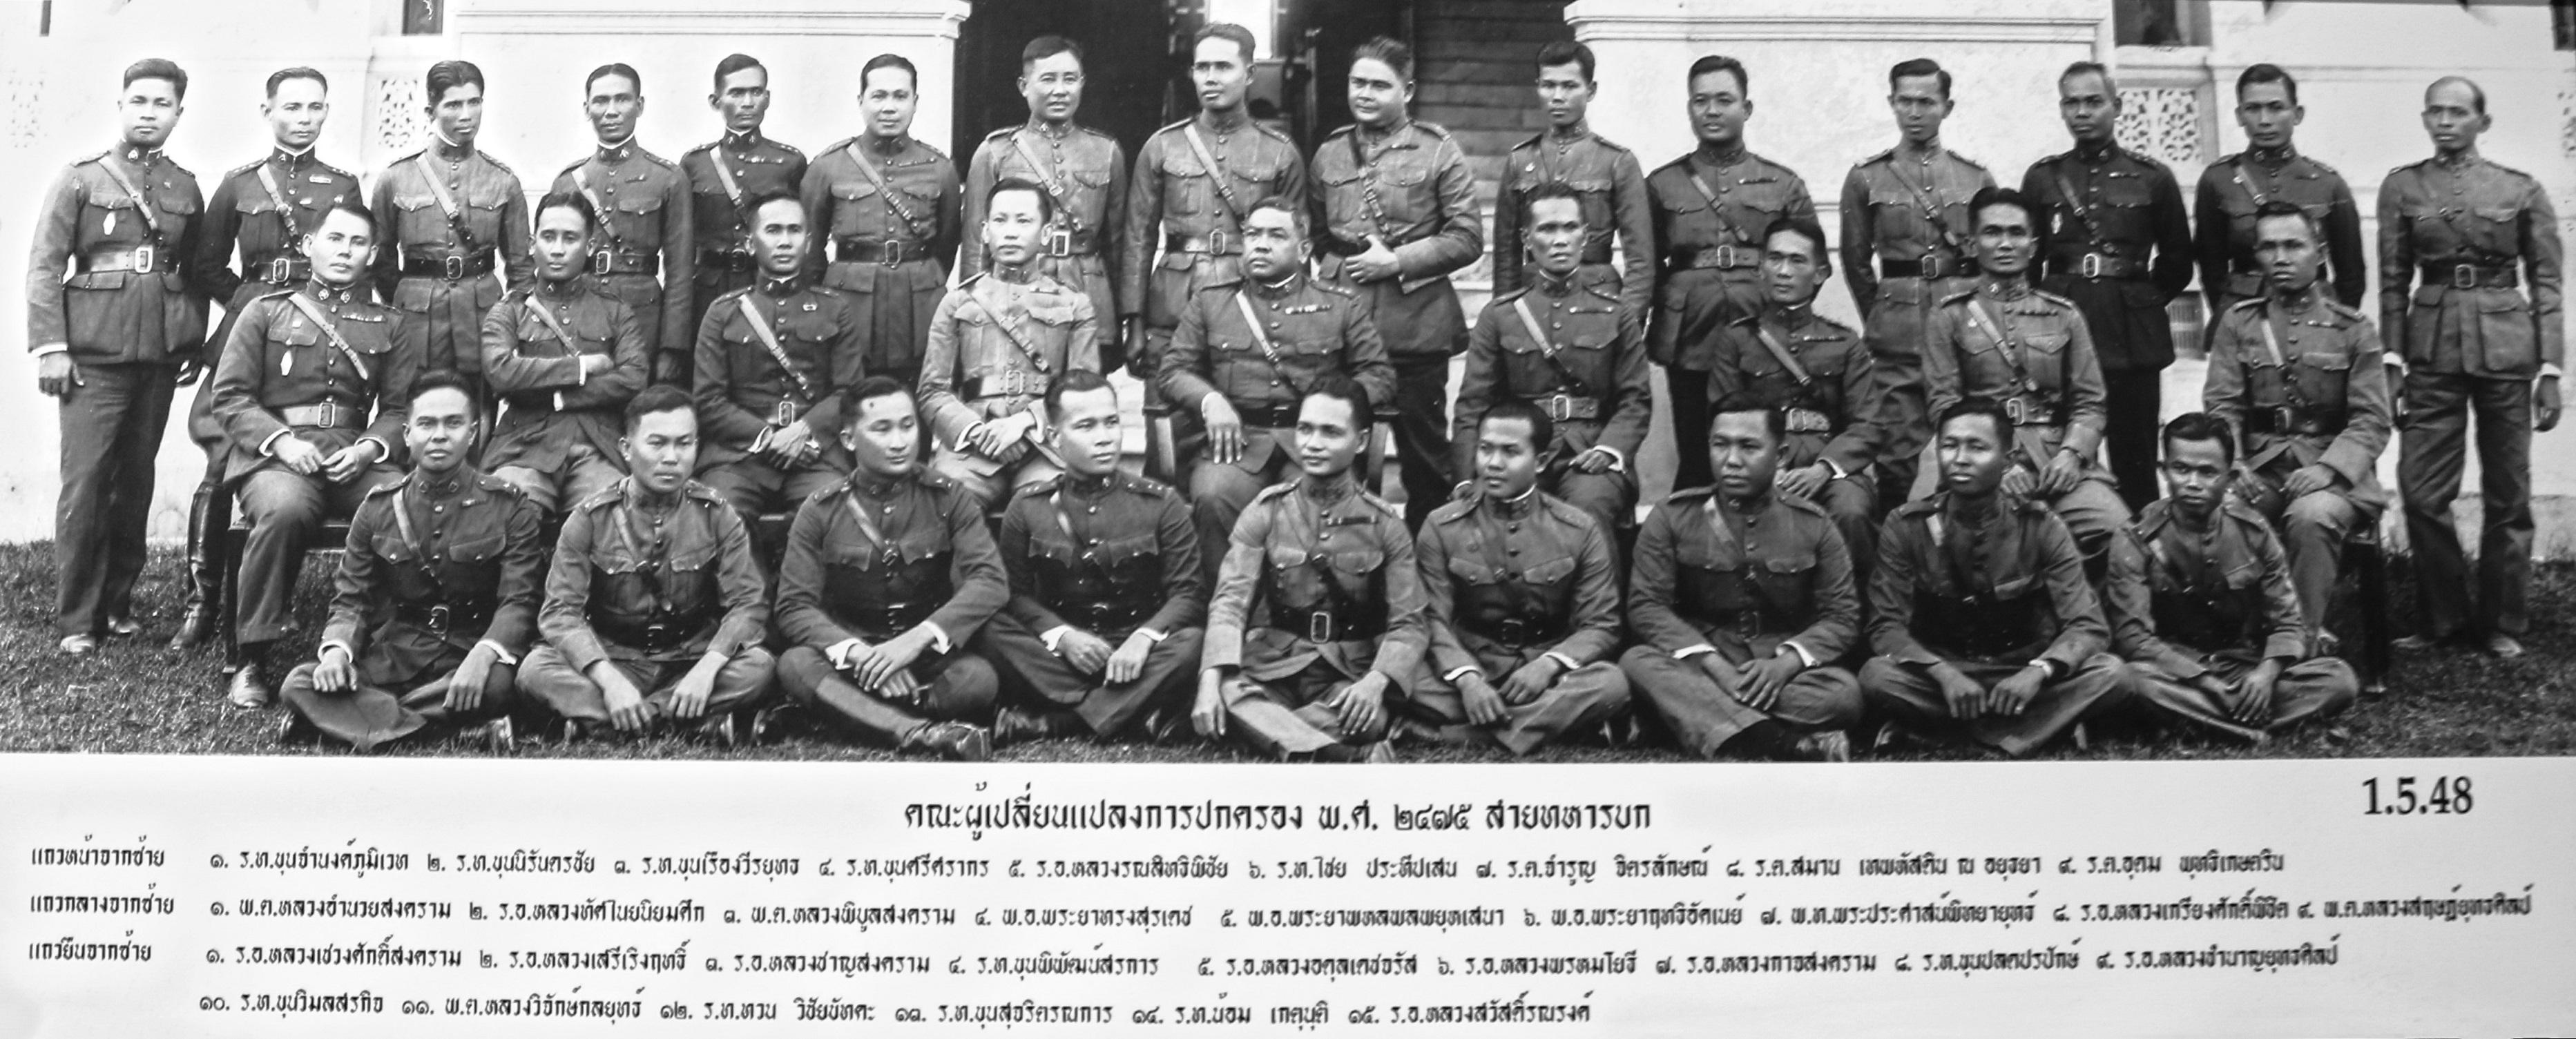 คณะราษฎร สายทหารบก (photo: Wikipedia)